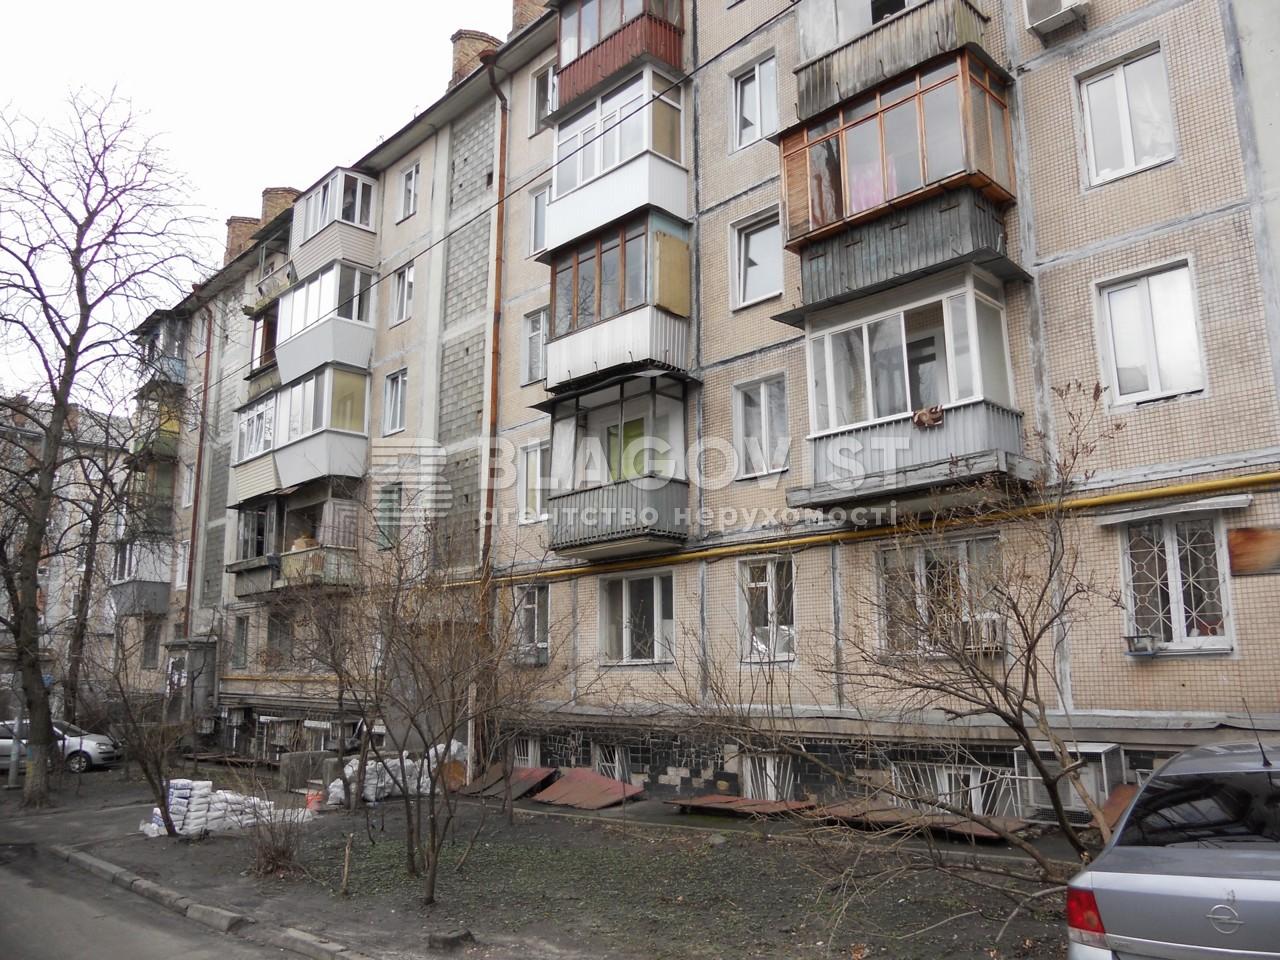 Квартира F-42841, Приймаченко Марии бульв. (Лихачева), 6а, Киев - Фото 4